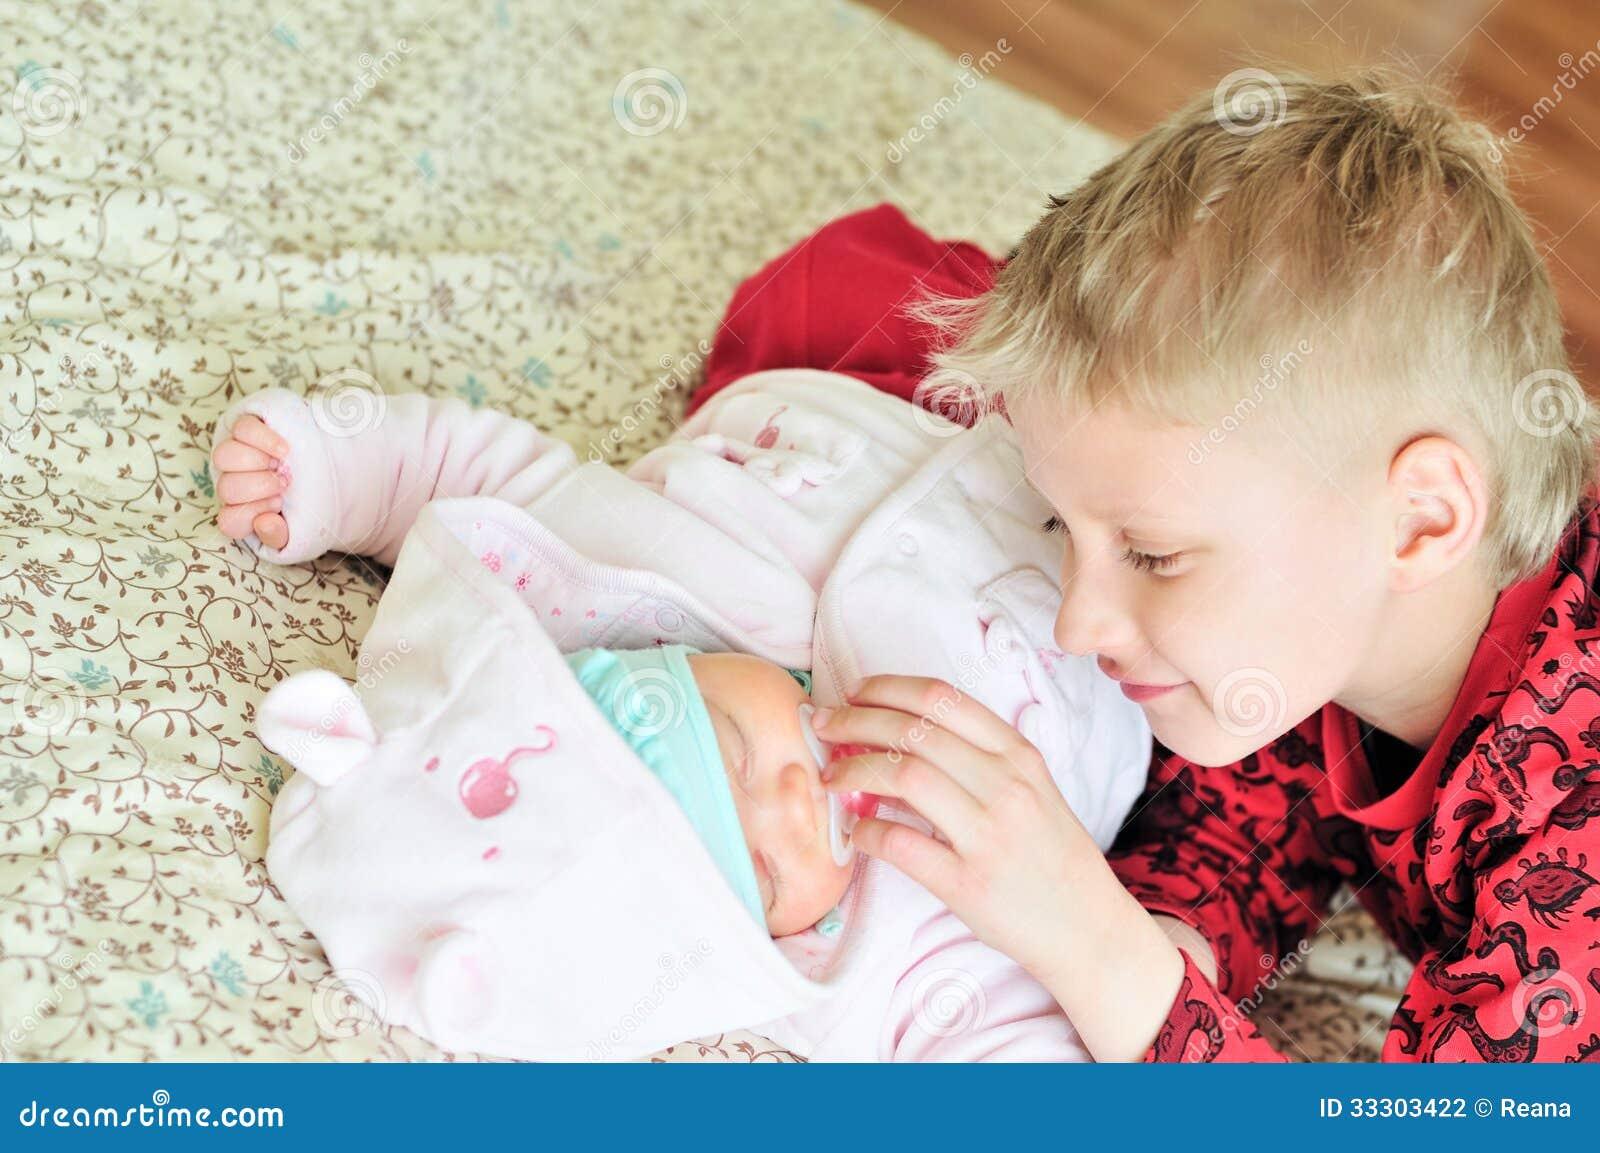 Русское брат кончил в сестру, Брат зашёл к сестре))) смотреть онлайн видео брат 26 фотография